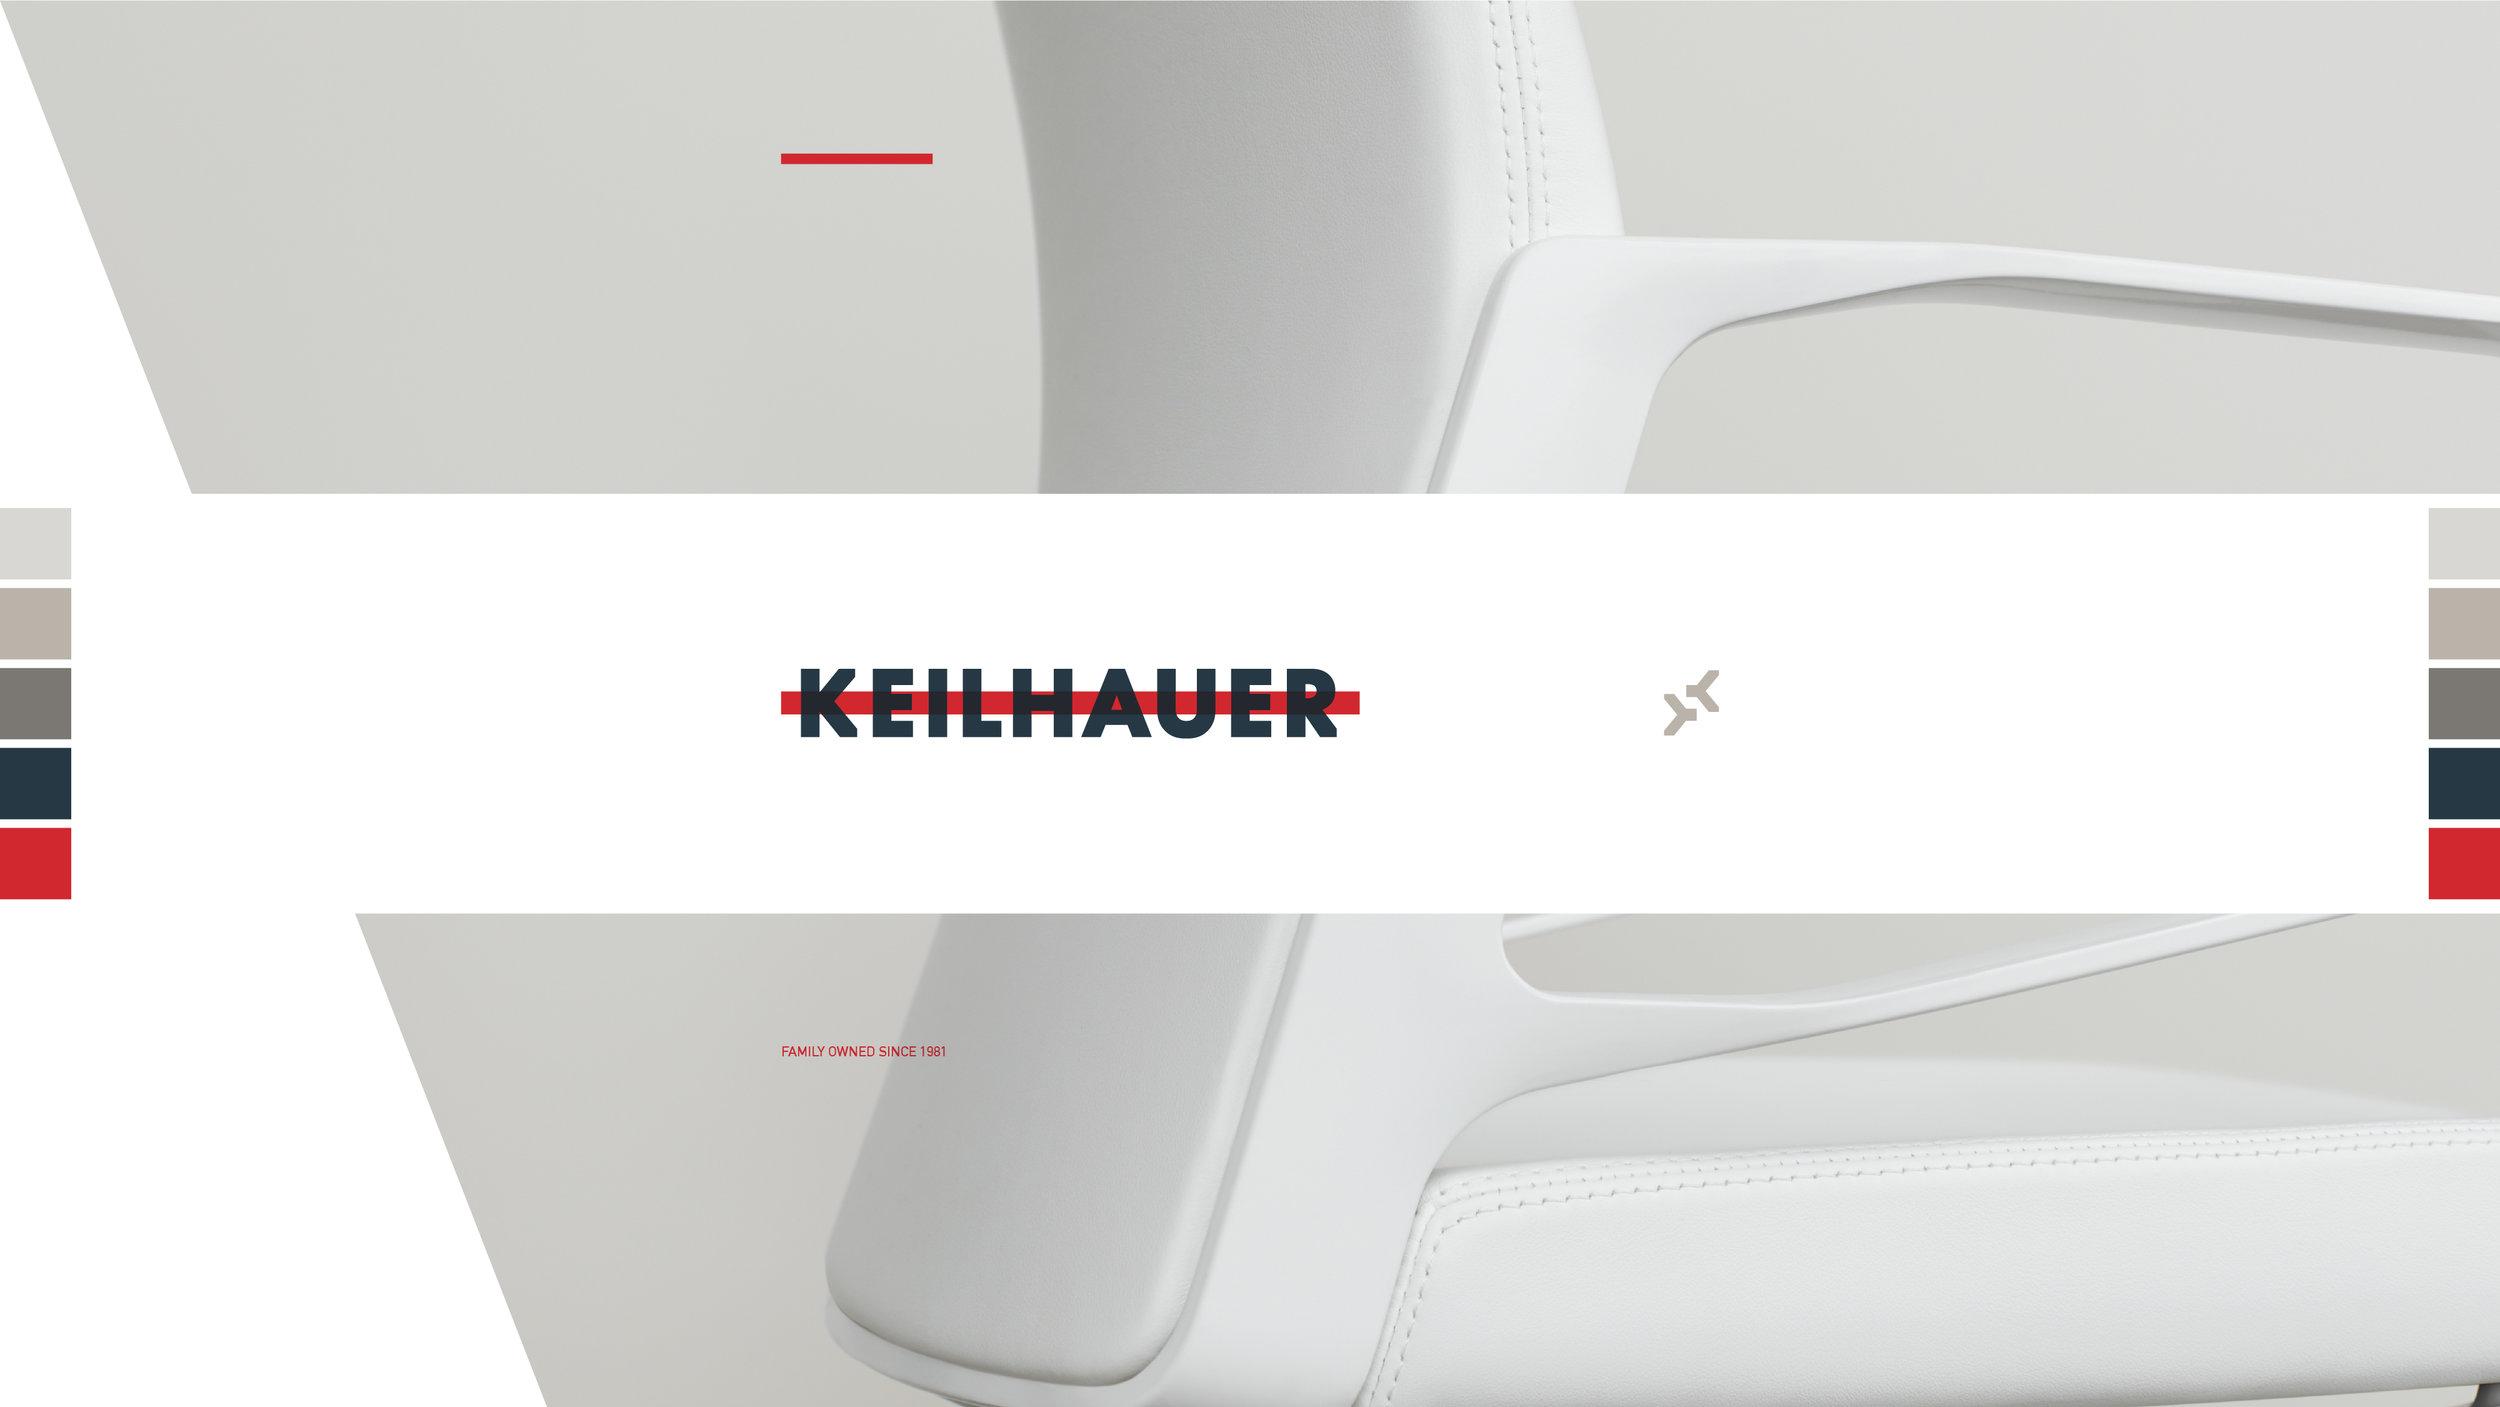 Keilhauer-02.jpg